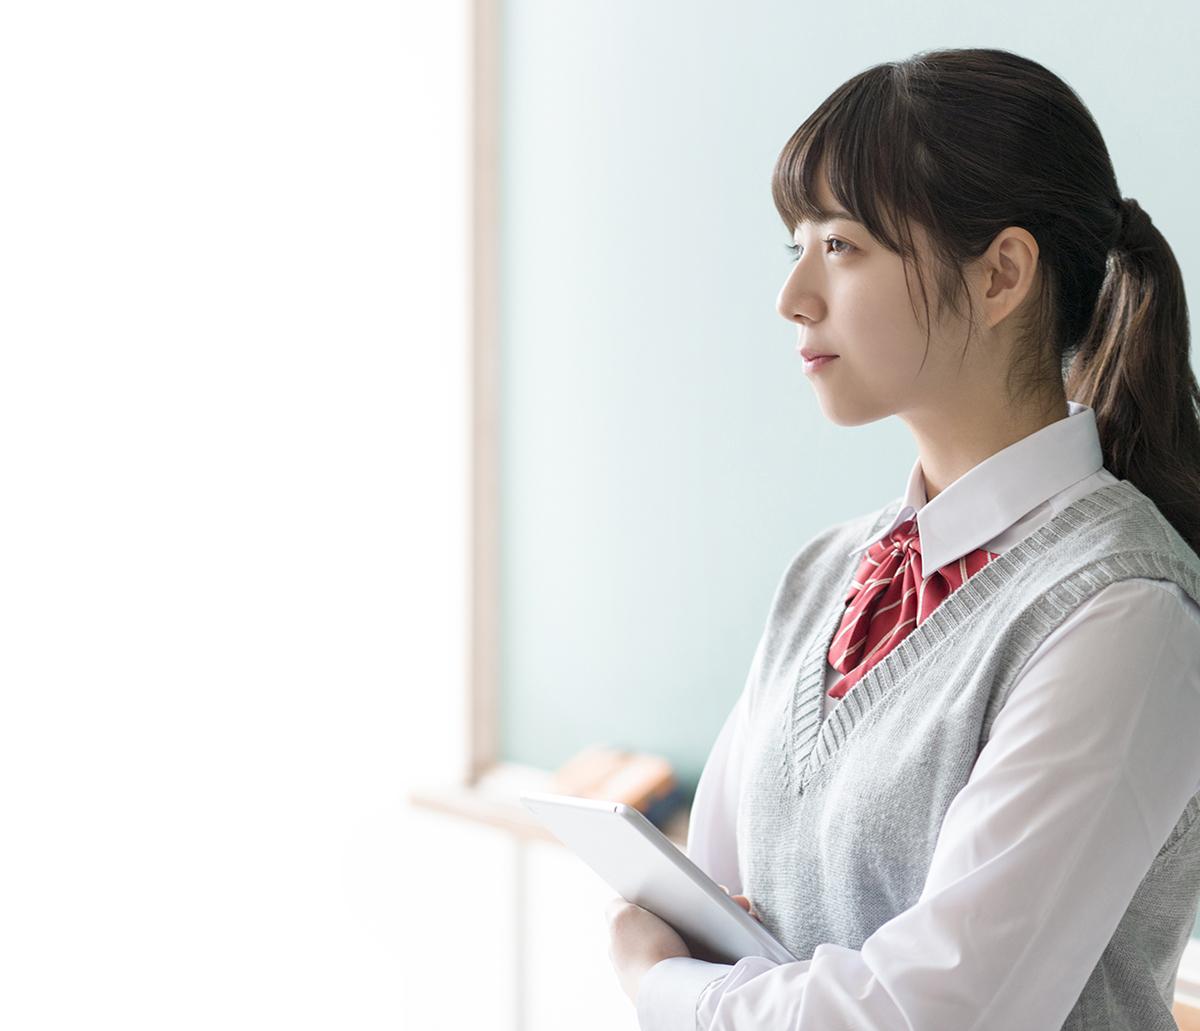 黒板の前で立っている女子生徒